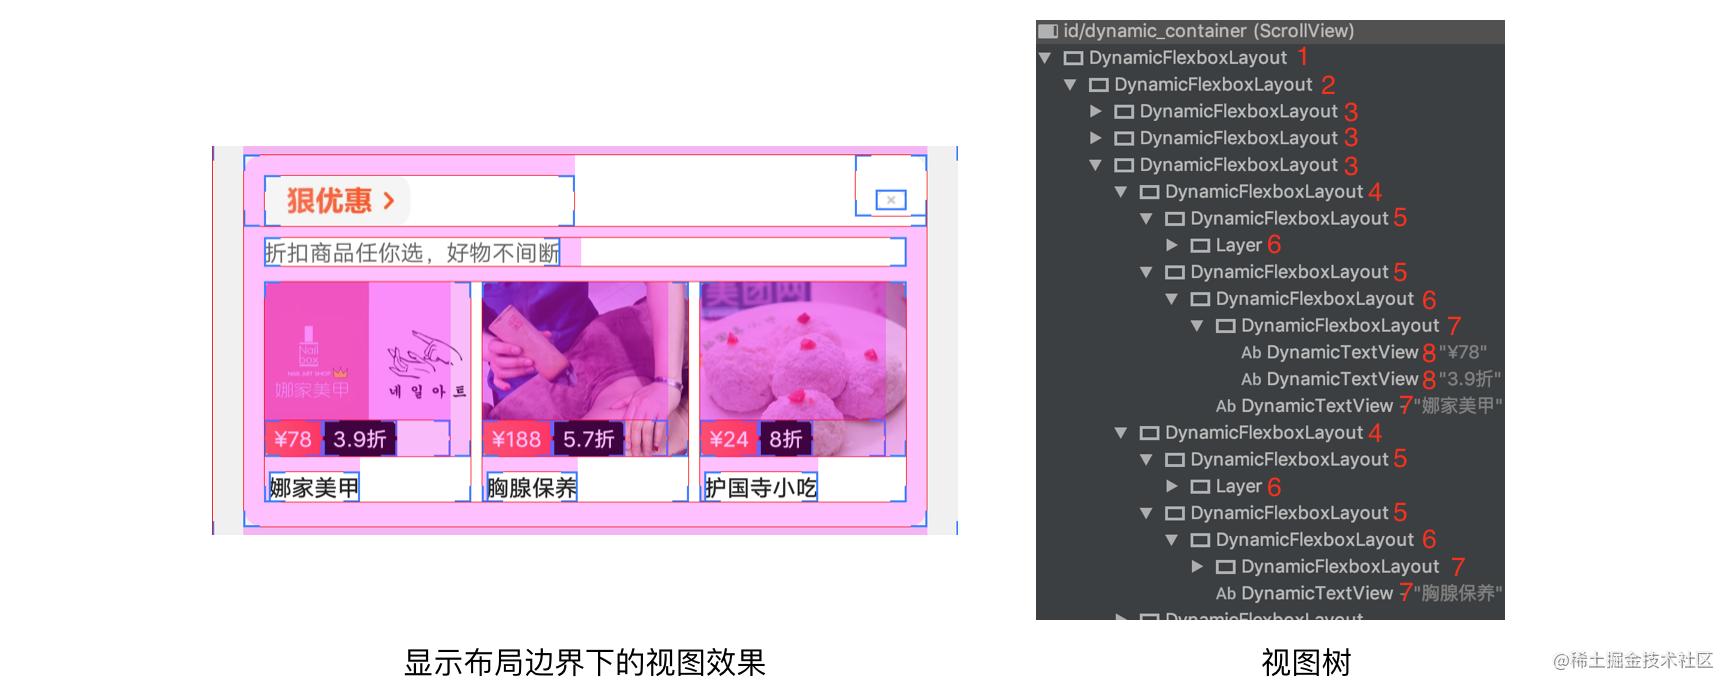 图3 模版布局层级效果